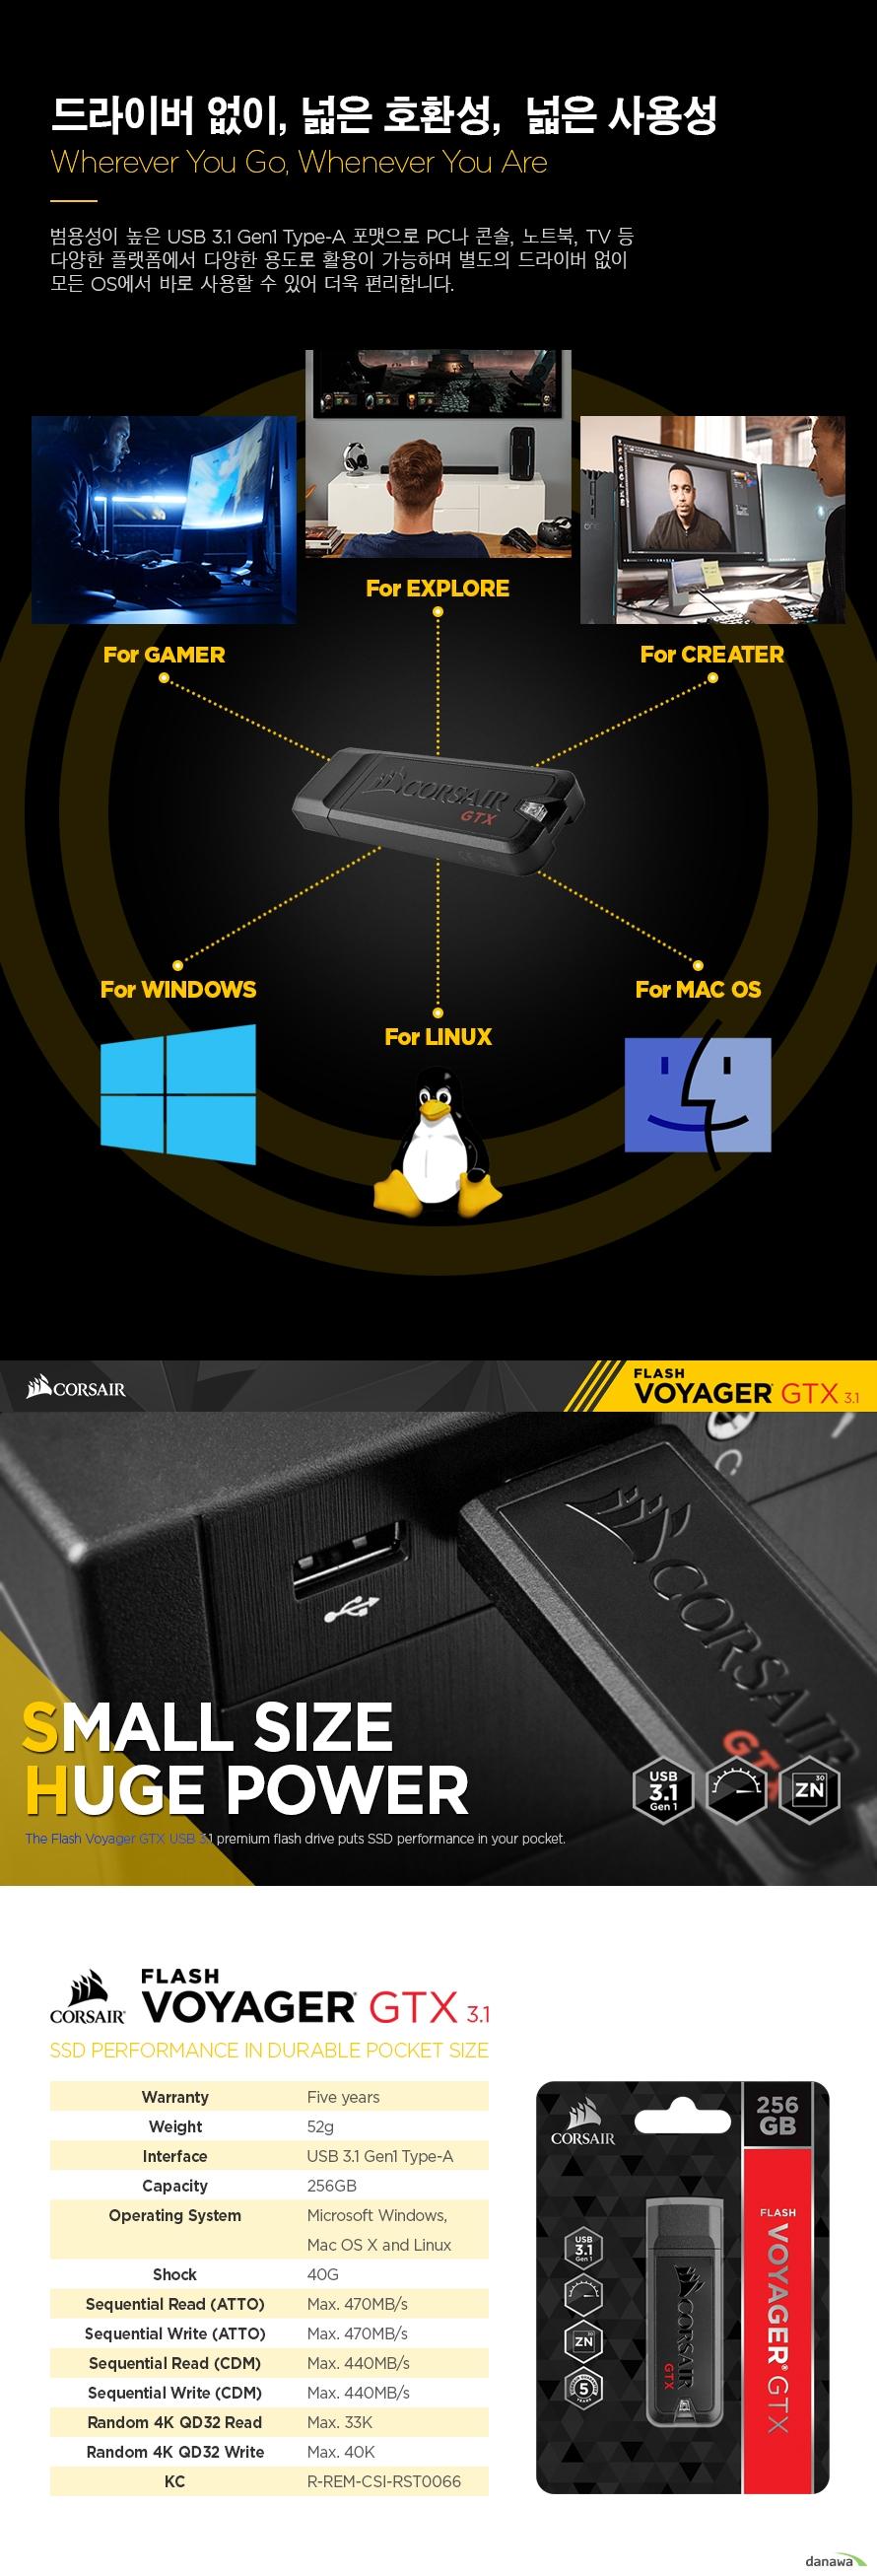 USB 3.1 Gen1 A-type 인터페이스로 다양한 기기에서 별도의 드라이버 없이 편리하게 사용 가능합니다.